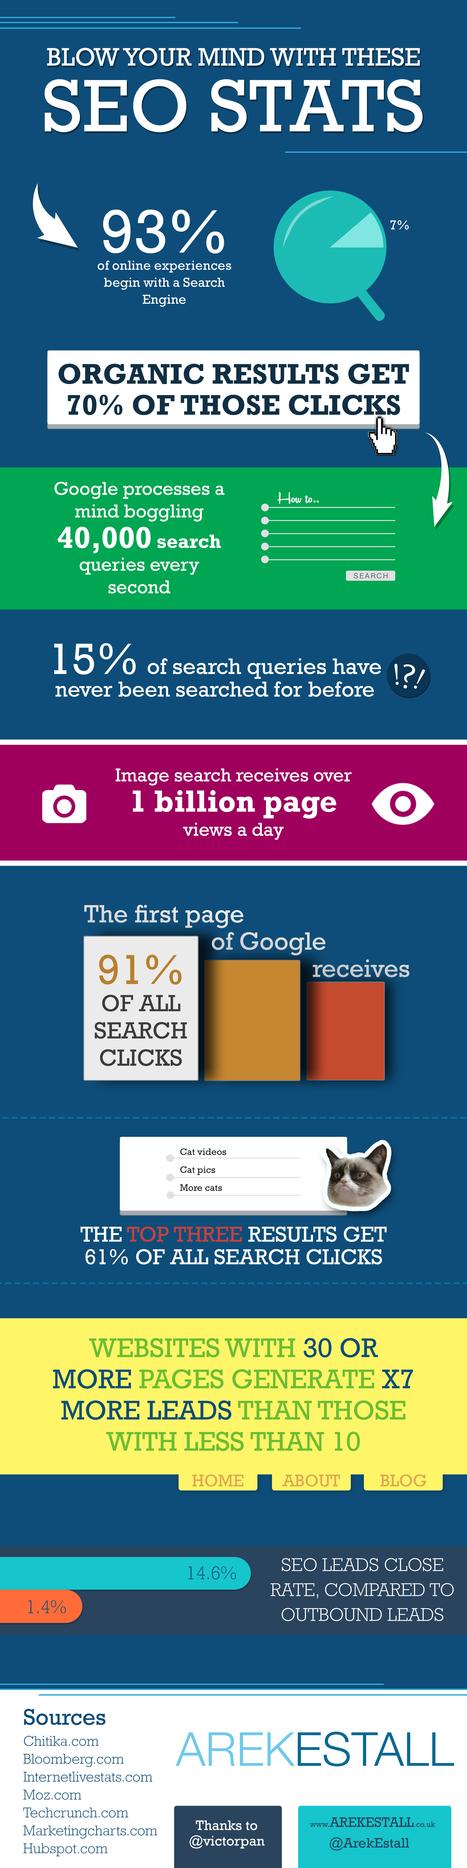 Infographie : quelques chiffres-clé sur le SEO - Actualité Abondance | Mnemosia: Graphics, Web, Social Media | Scoop.it